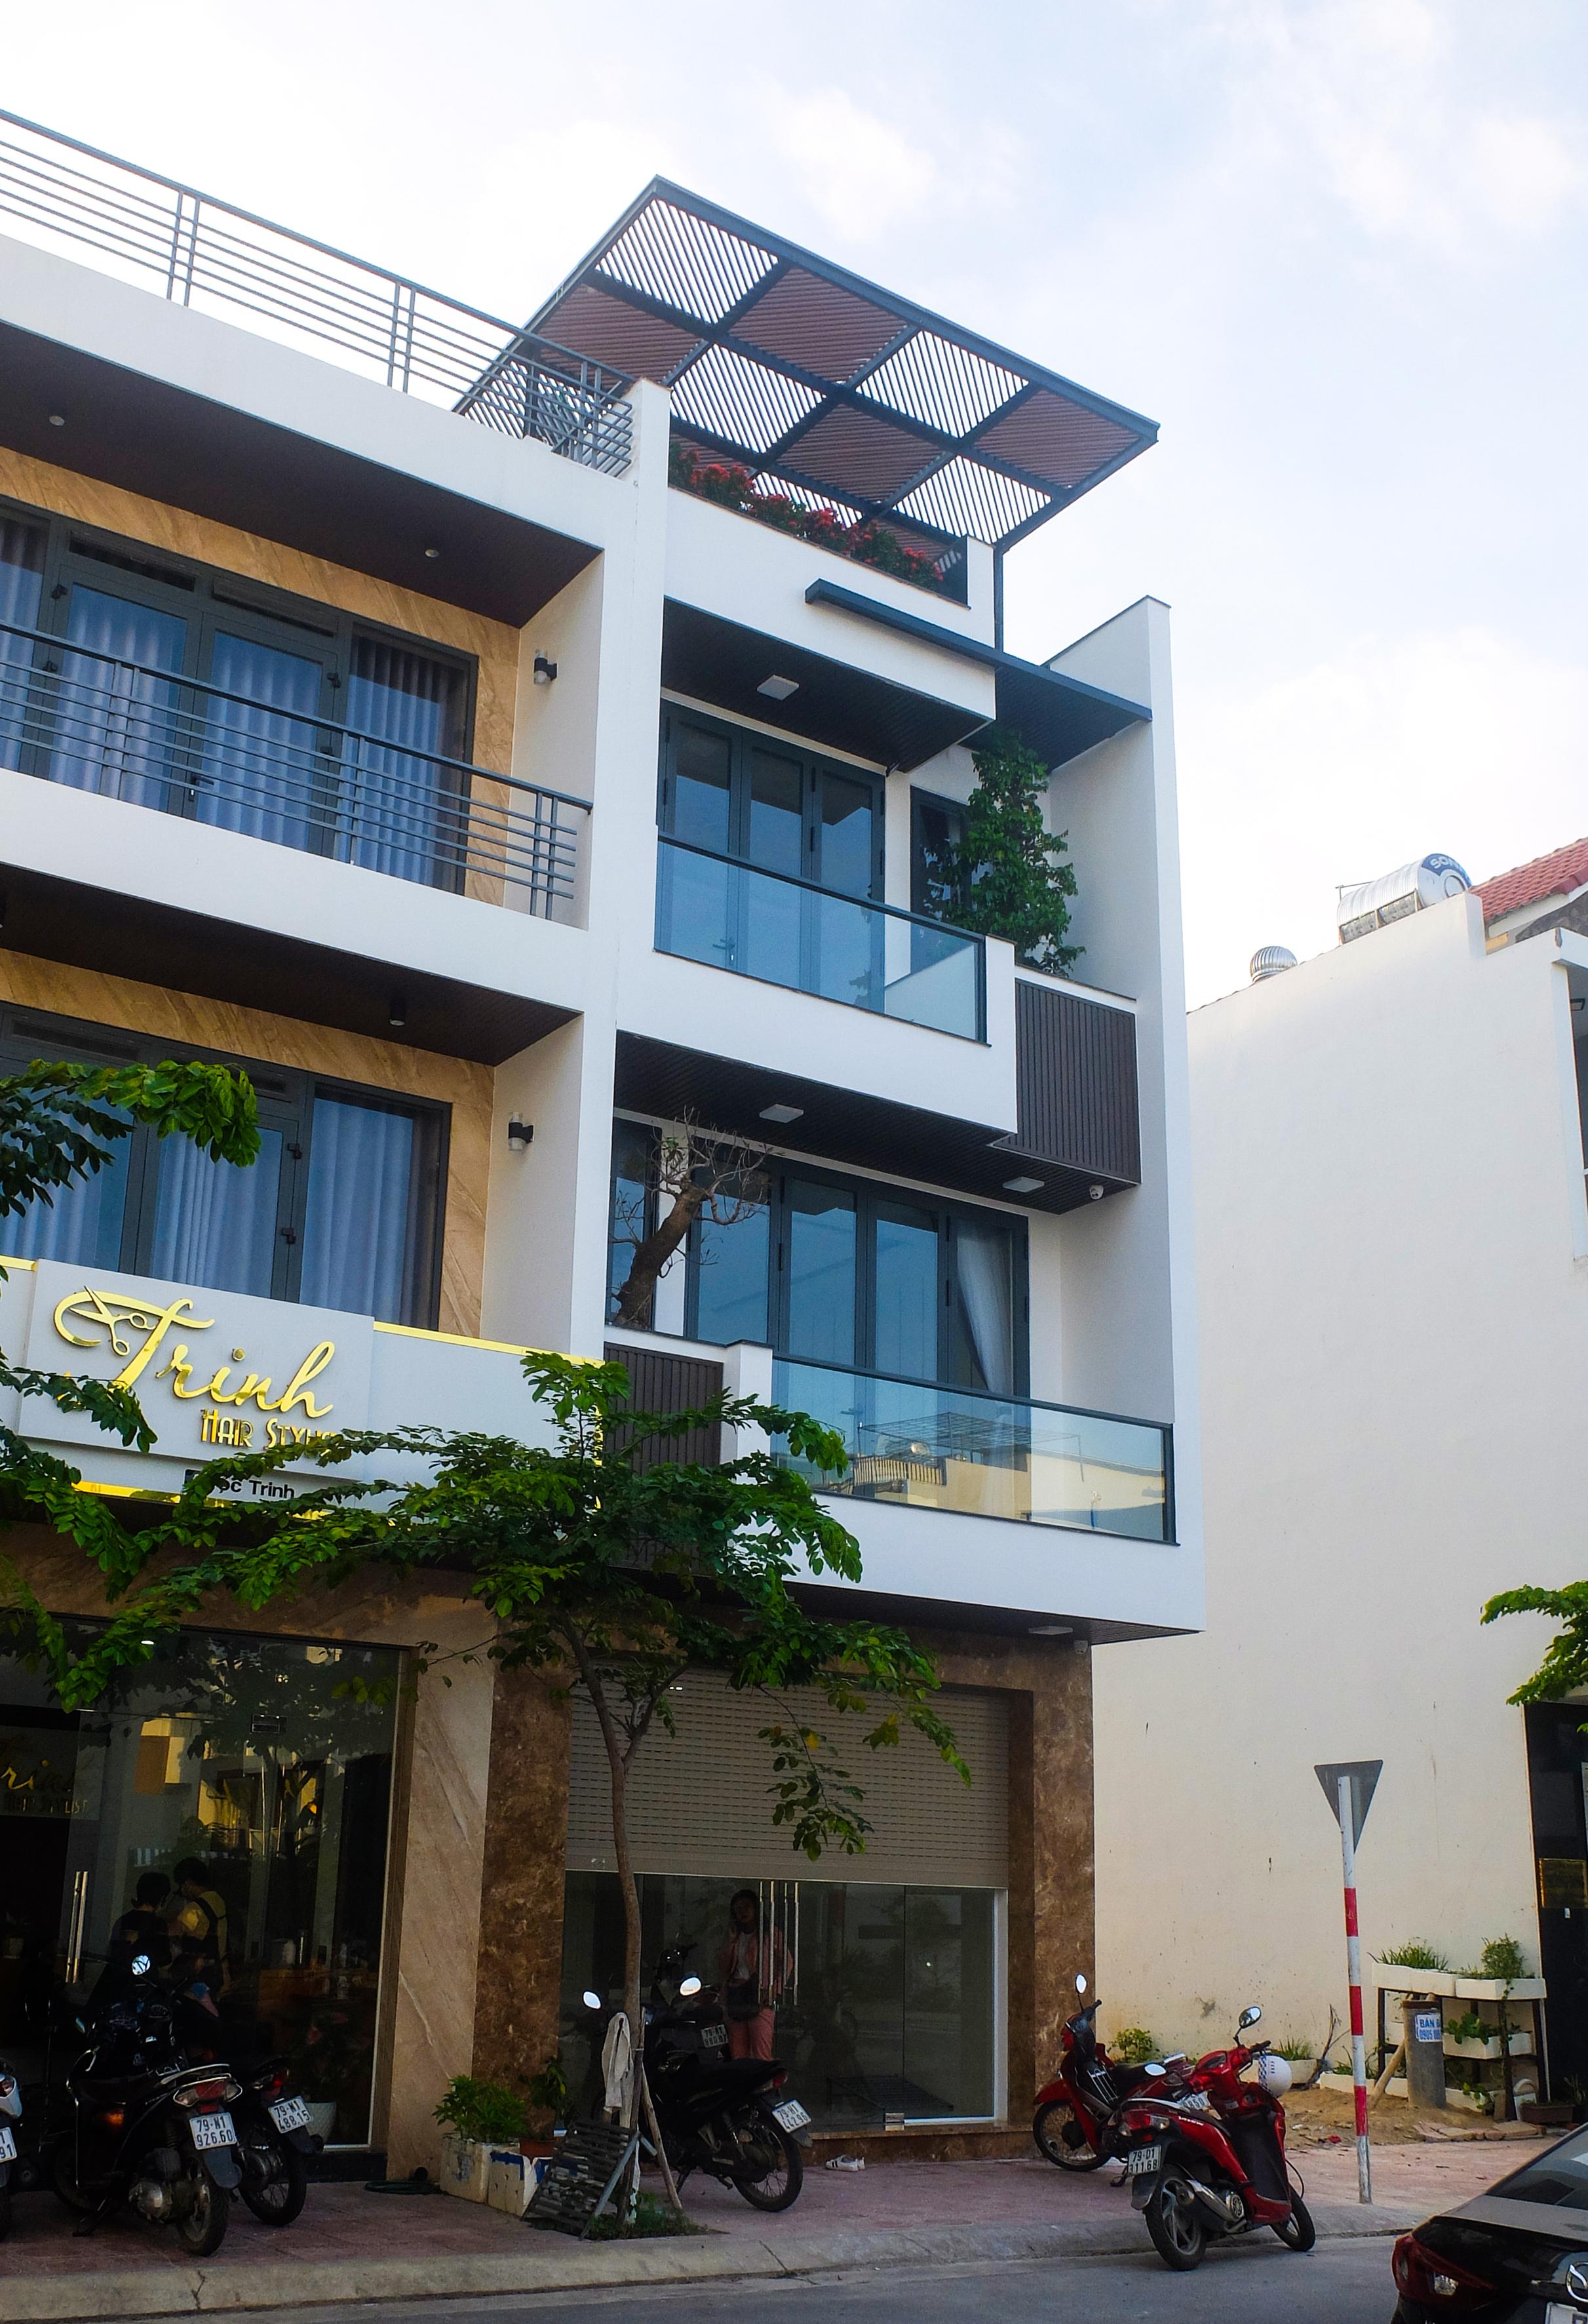 Thiết kế Nhà Mặt Phố tại Khánh Hòa SMALL HOUSE 1580877039 1